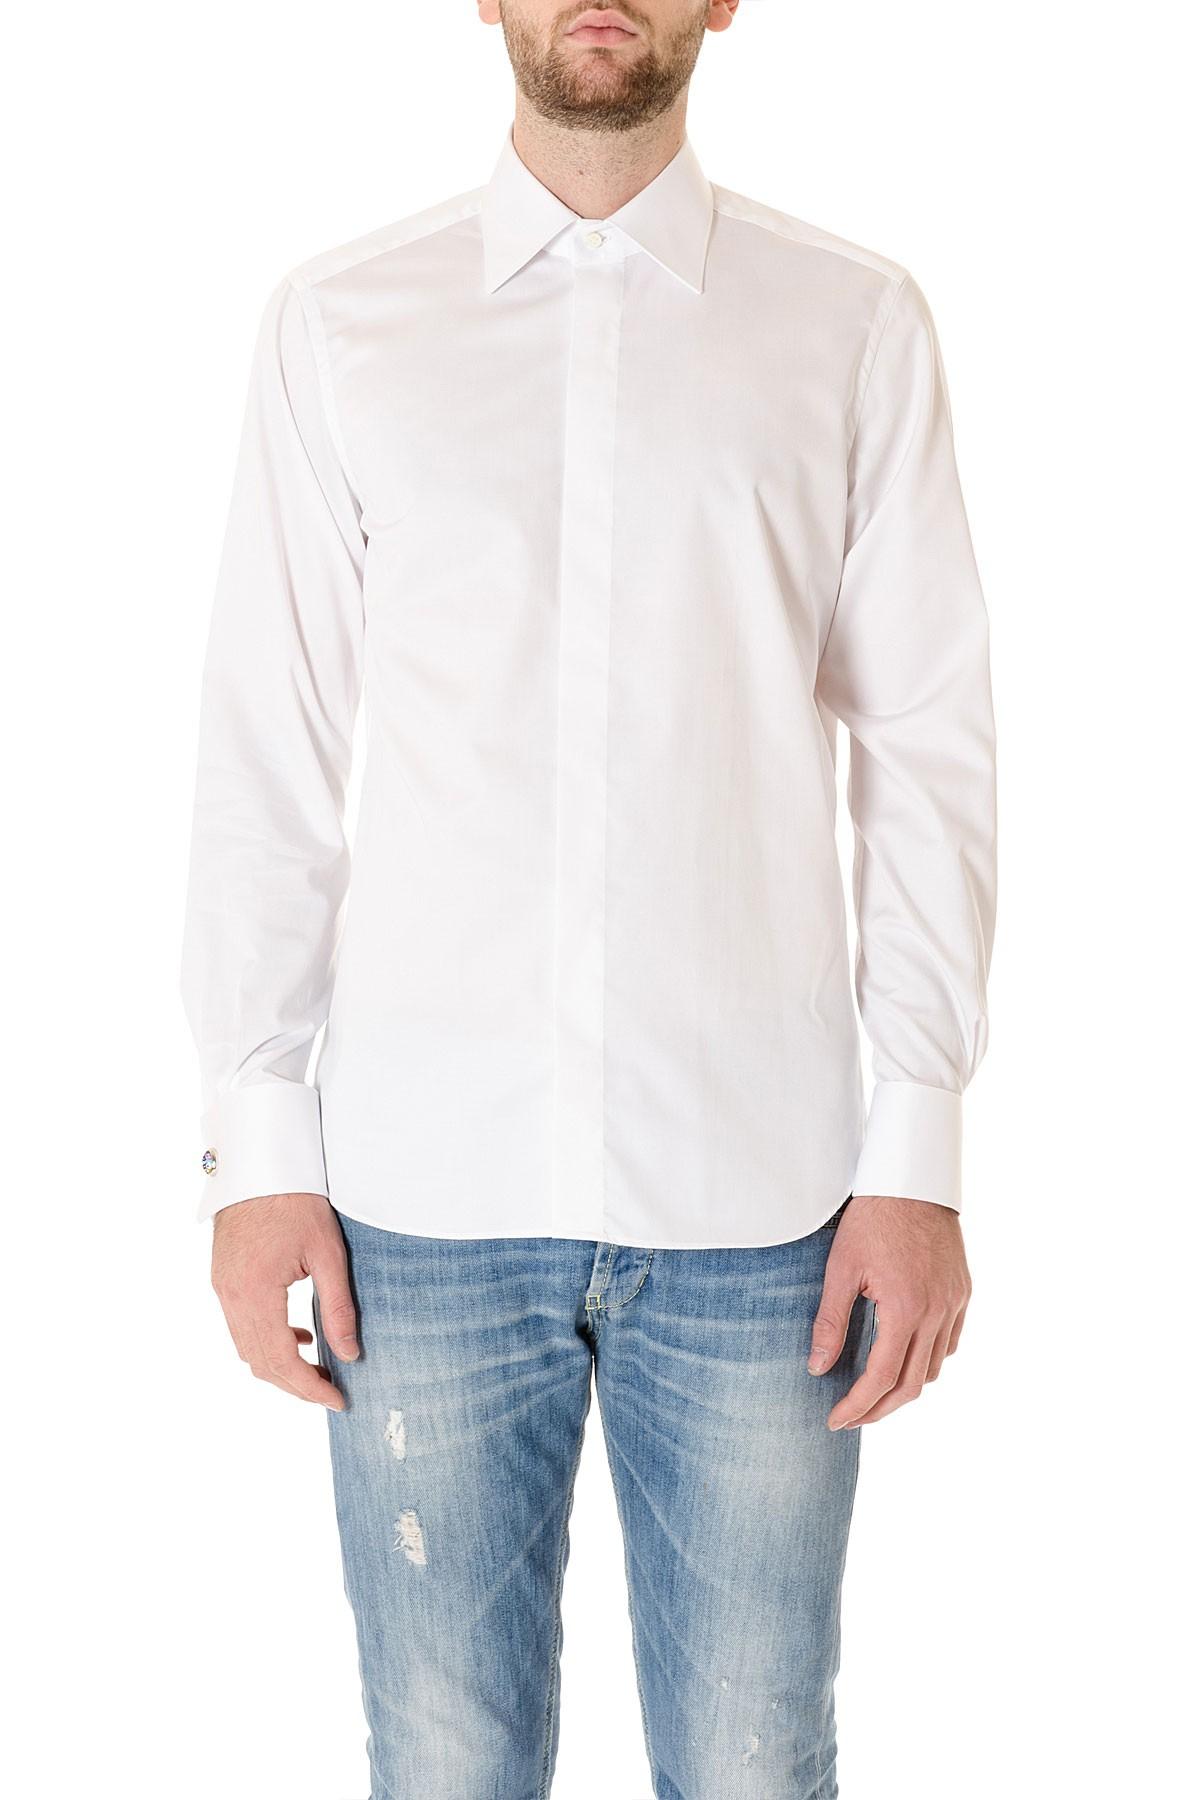 brand new 74dc5 6f418 BORSA Camicia bianca da cerimonia per uomo SIGMA